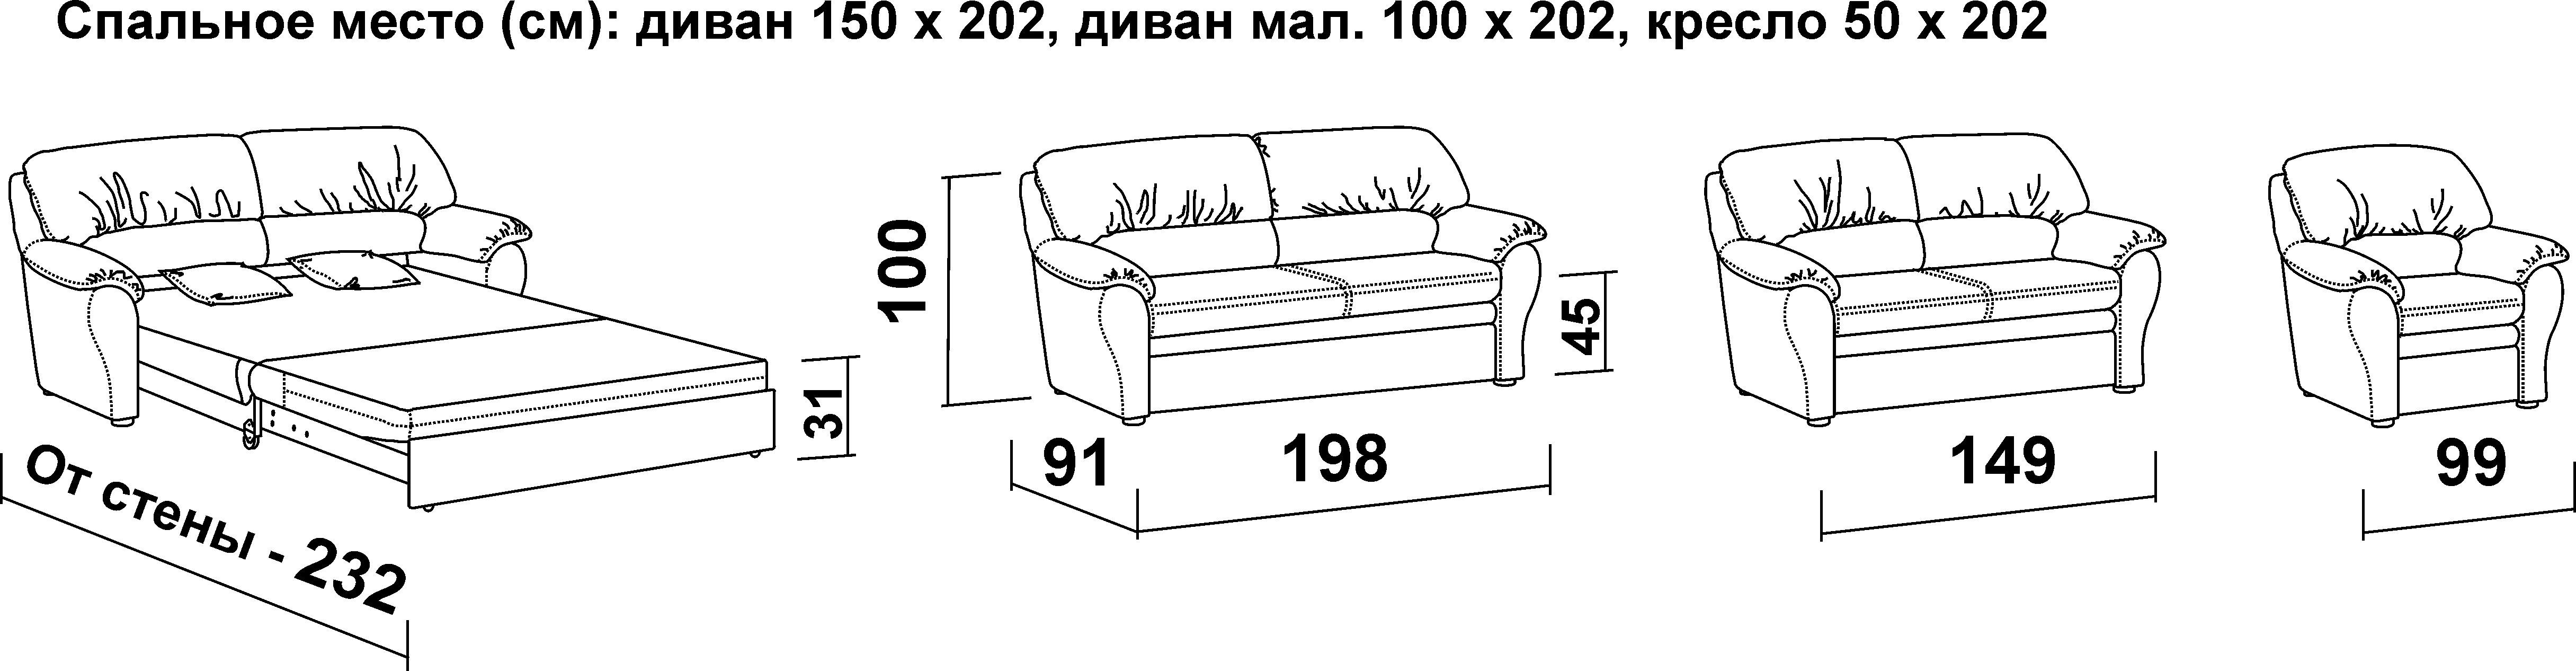 ШИК 610 brown 198s